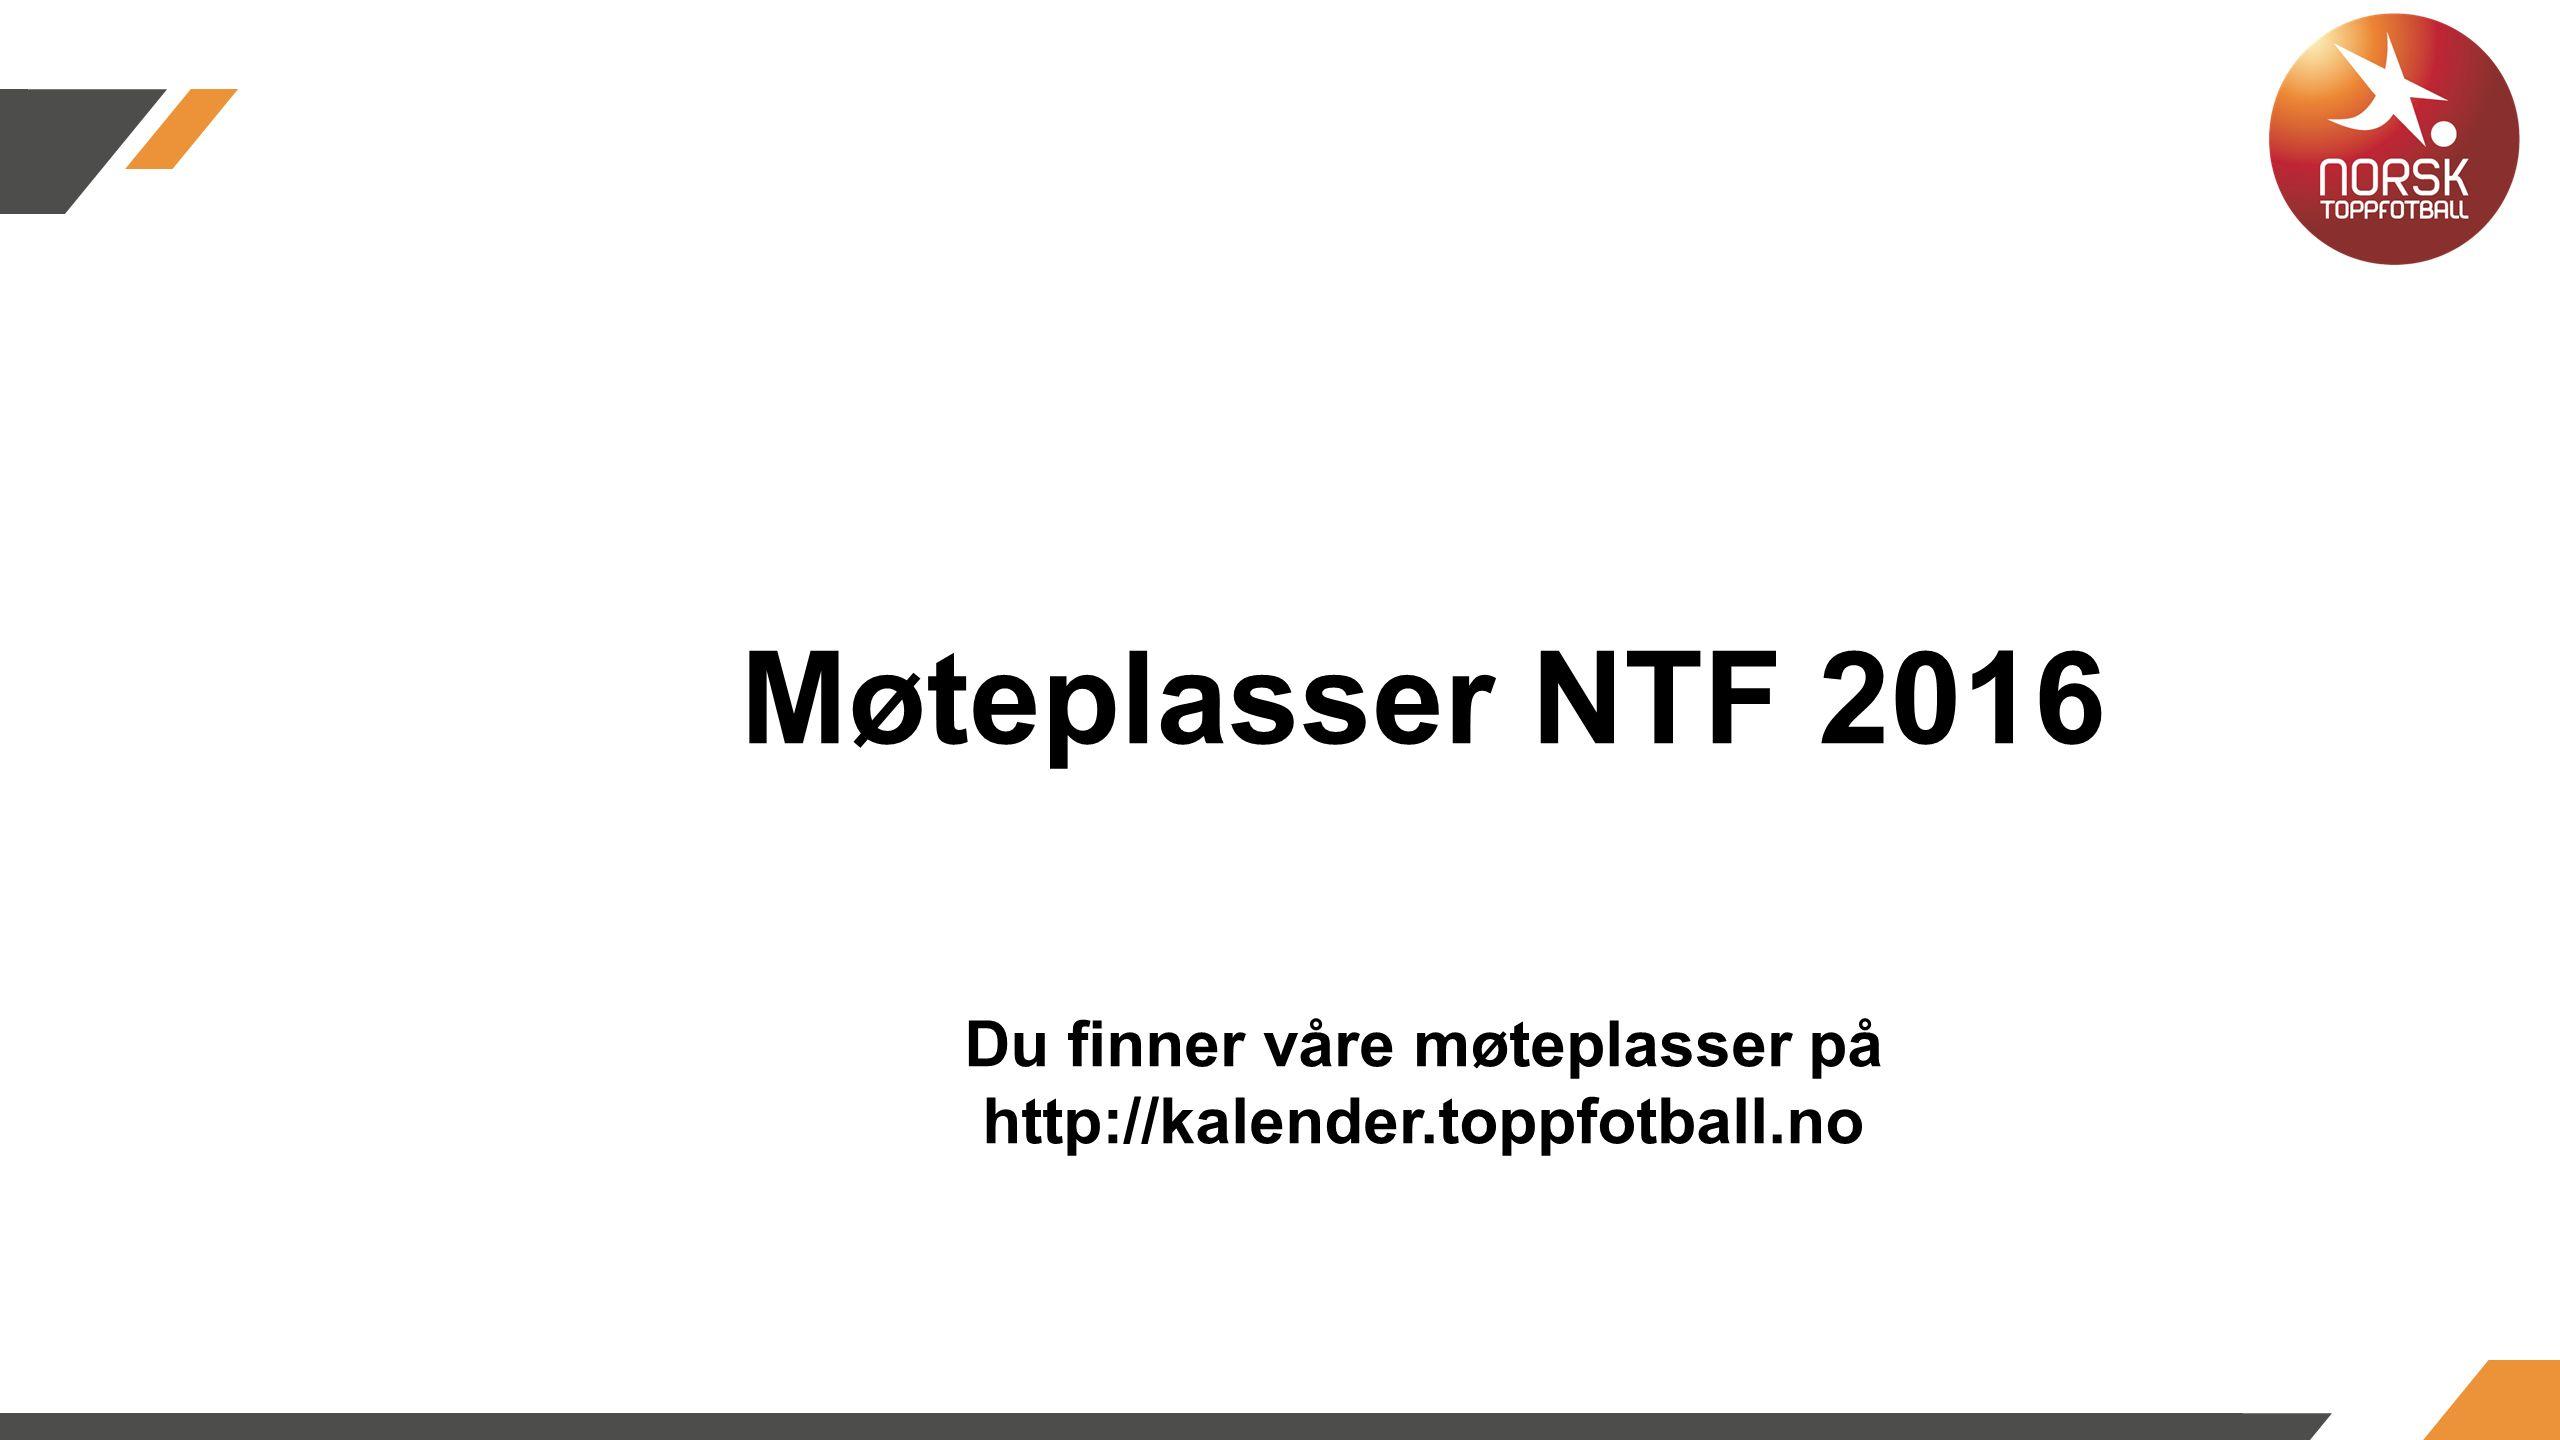 Møteplasser NTF 2016 Du finner våre møteplasser på http://kalender.toppfotball.no kalender.toppfotball.no kalender.toppfotball.no